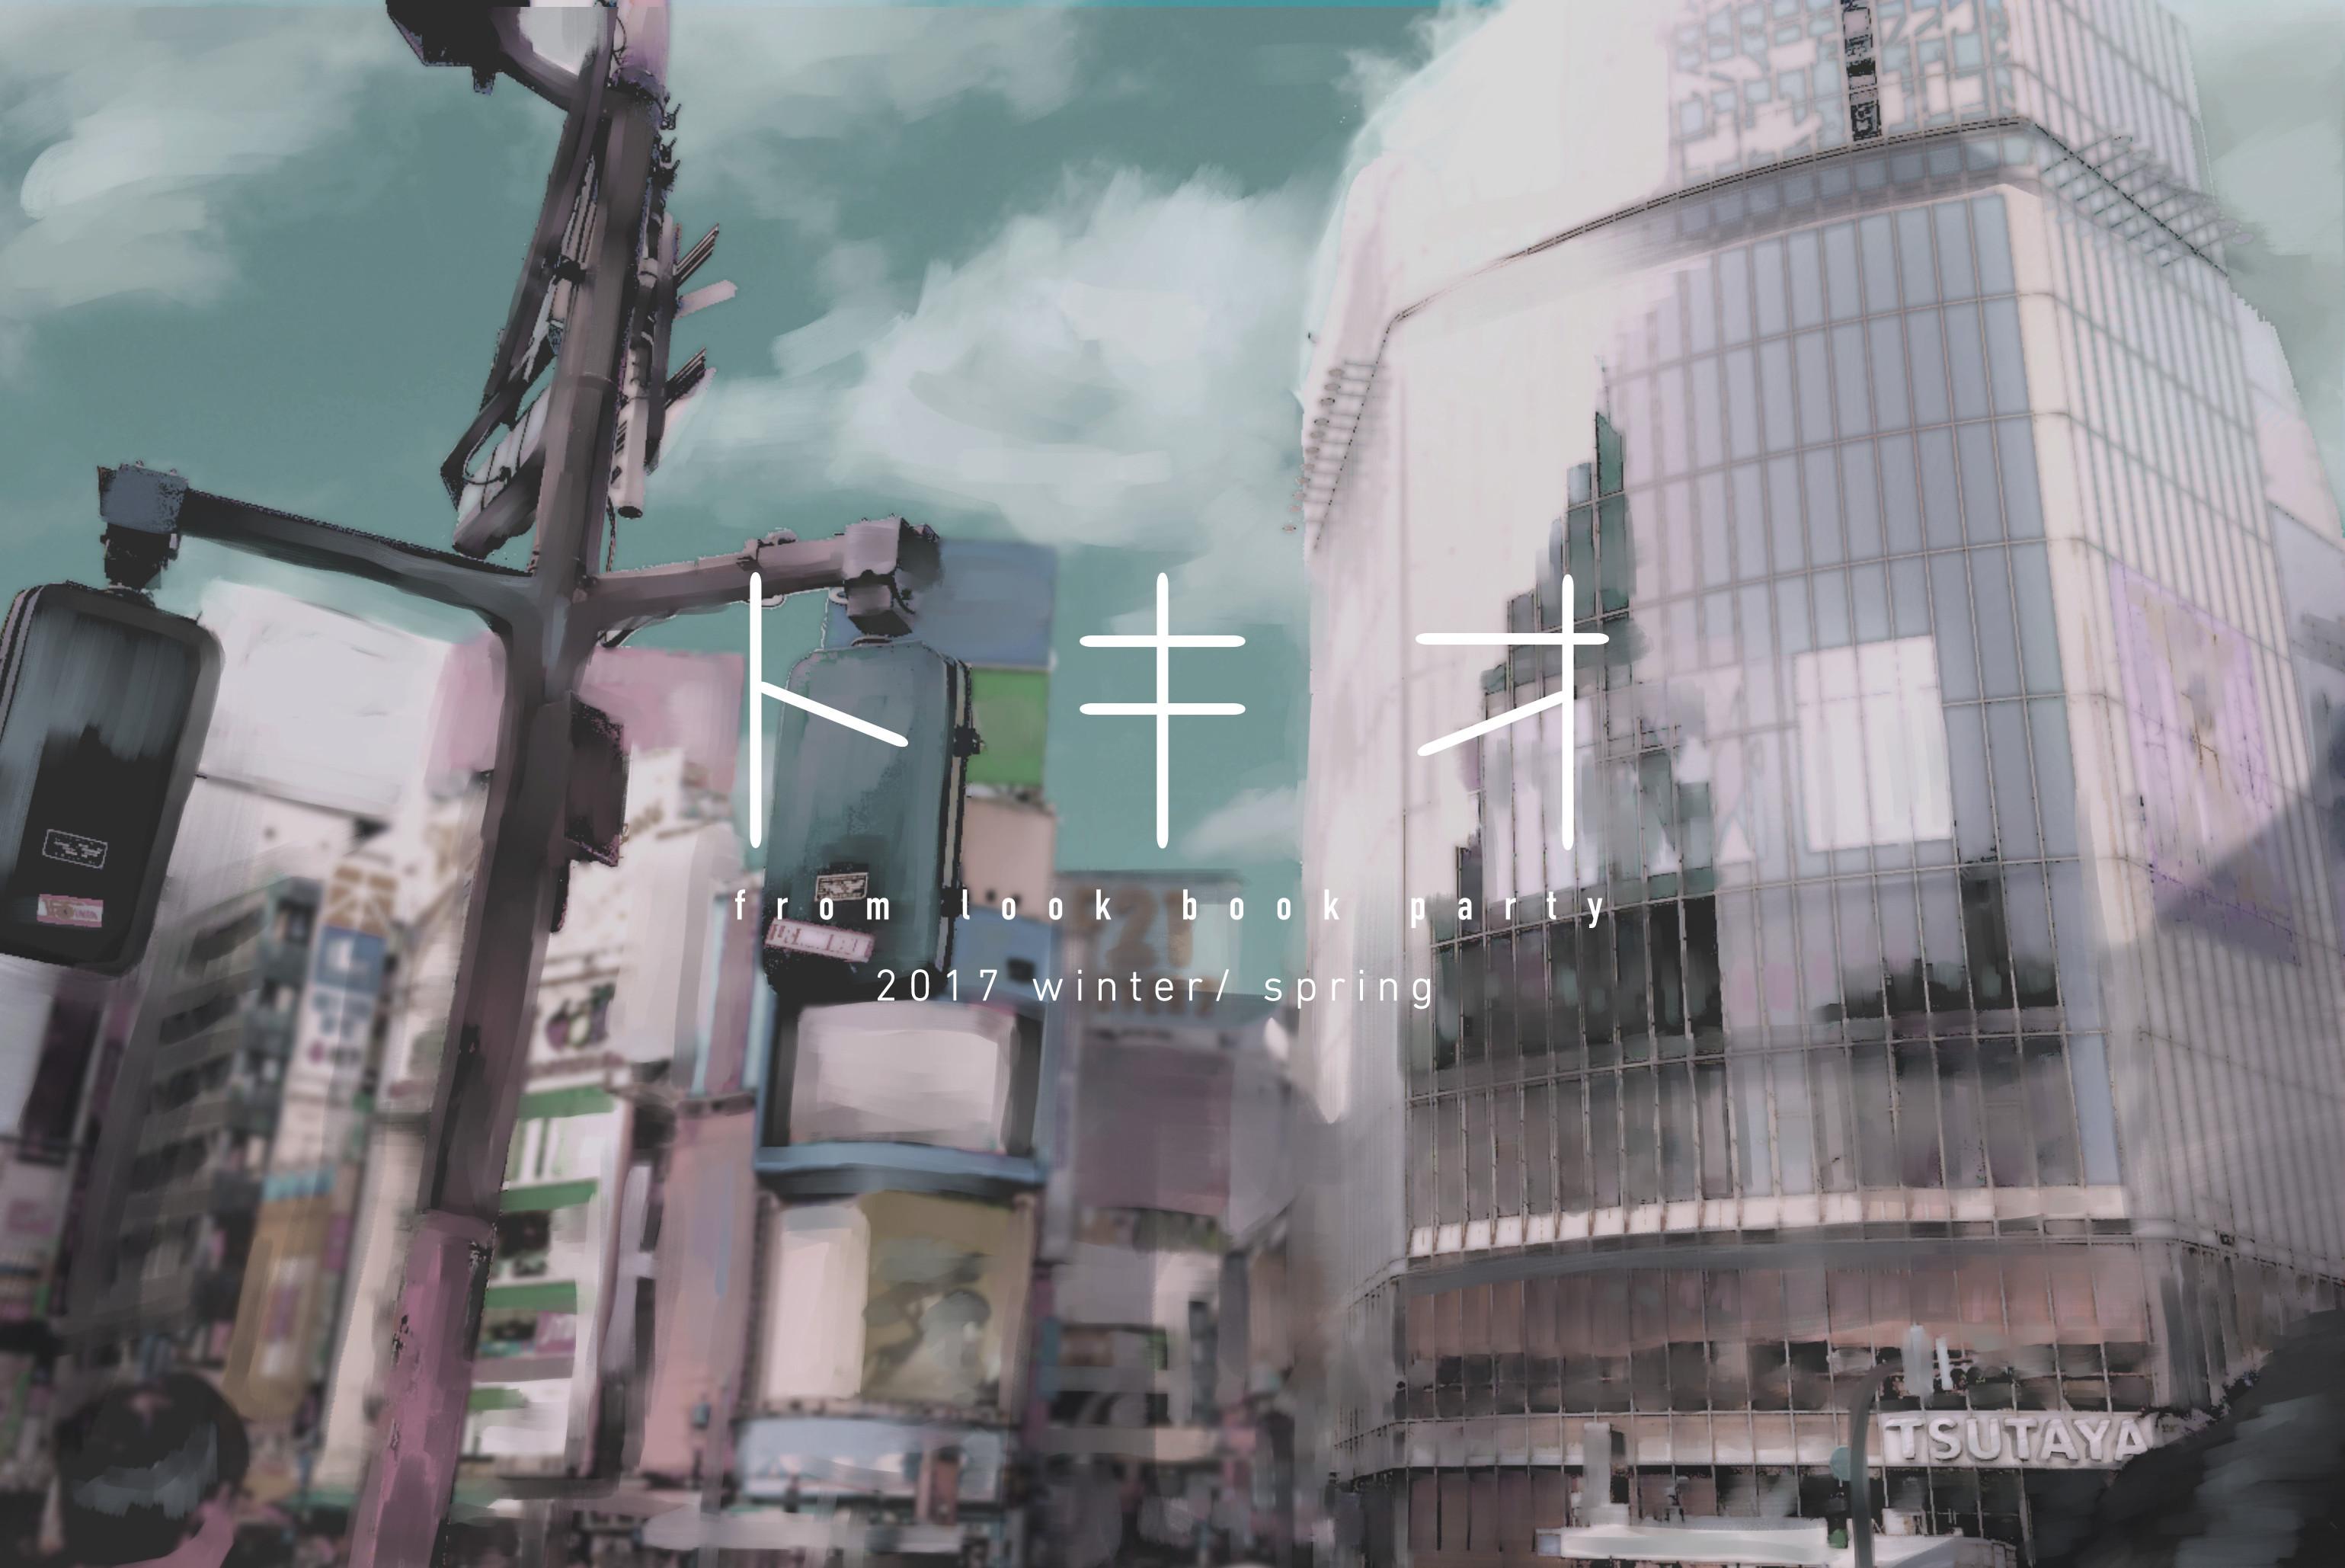 【CCC(TSUTAYA)系列look book party】アイドル+映画ヒロイン募集!